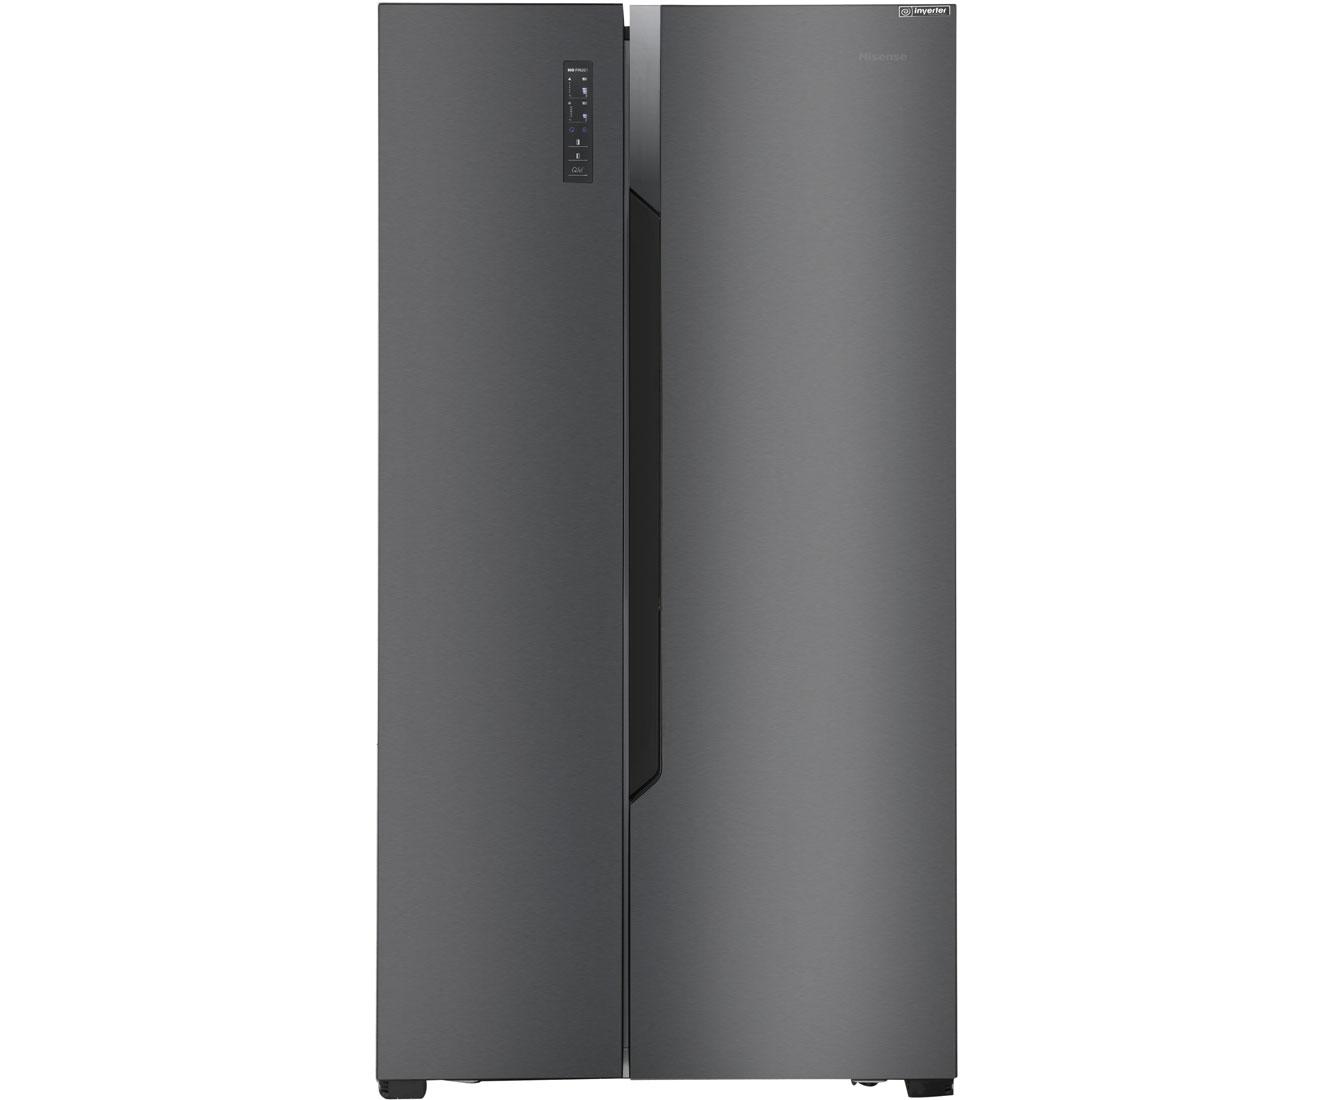 Amerikanischer Kühlschrank Schwarz : Hisense rs670n4bf3 amerikanischer side by side 516l schwarz